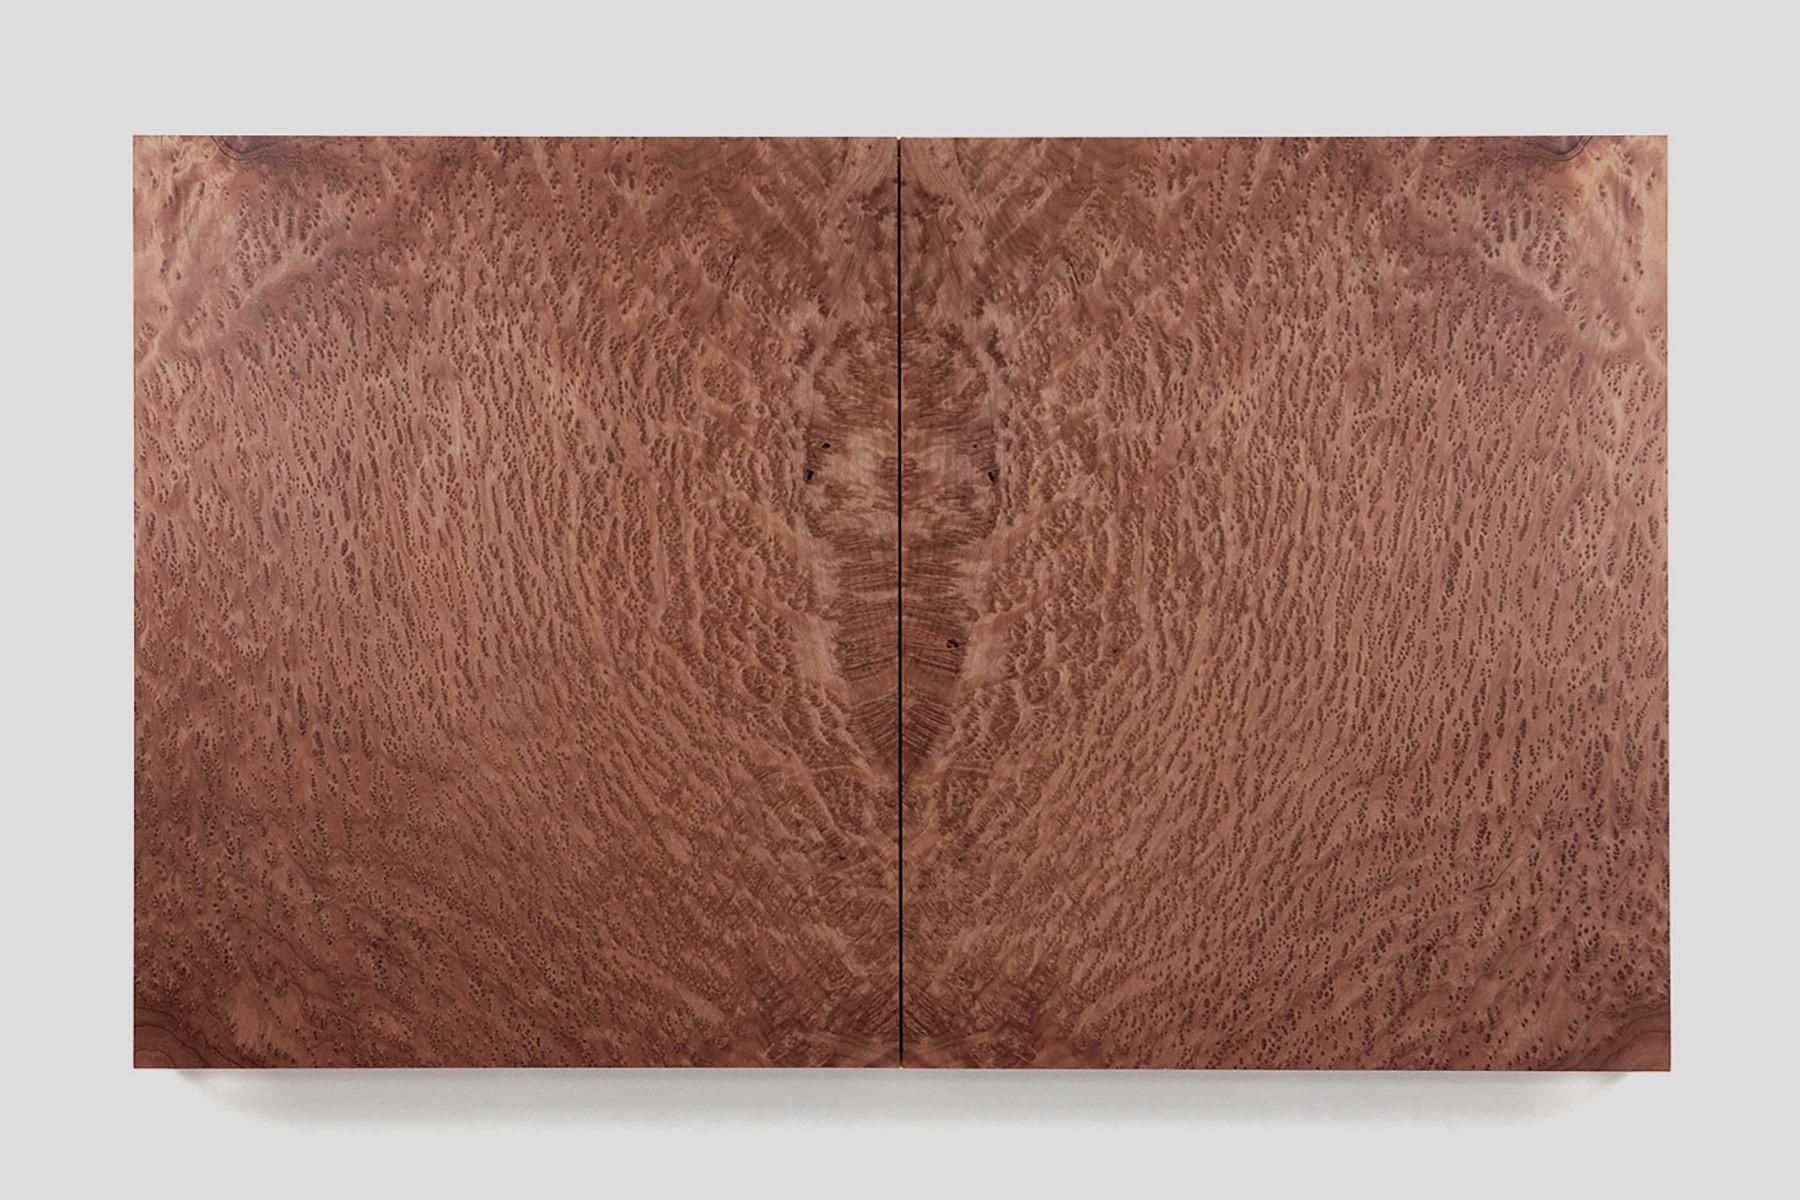 Alastair Mackie|Assemblage|vavona|wood|veneer|sculpture|2017